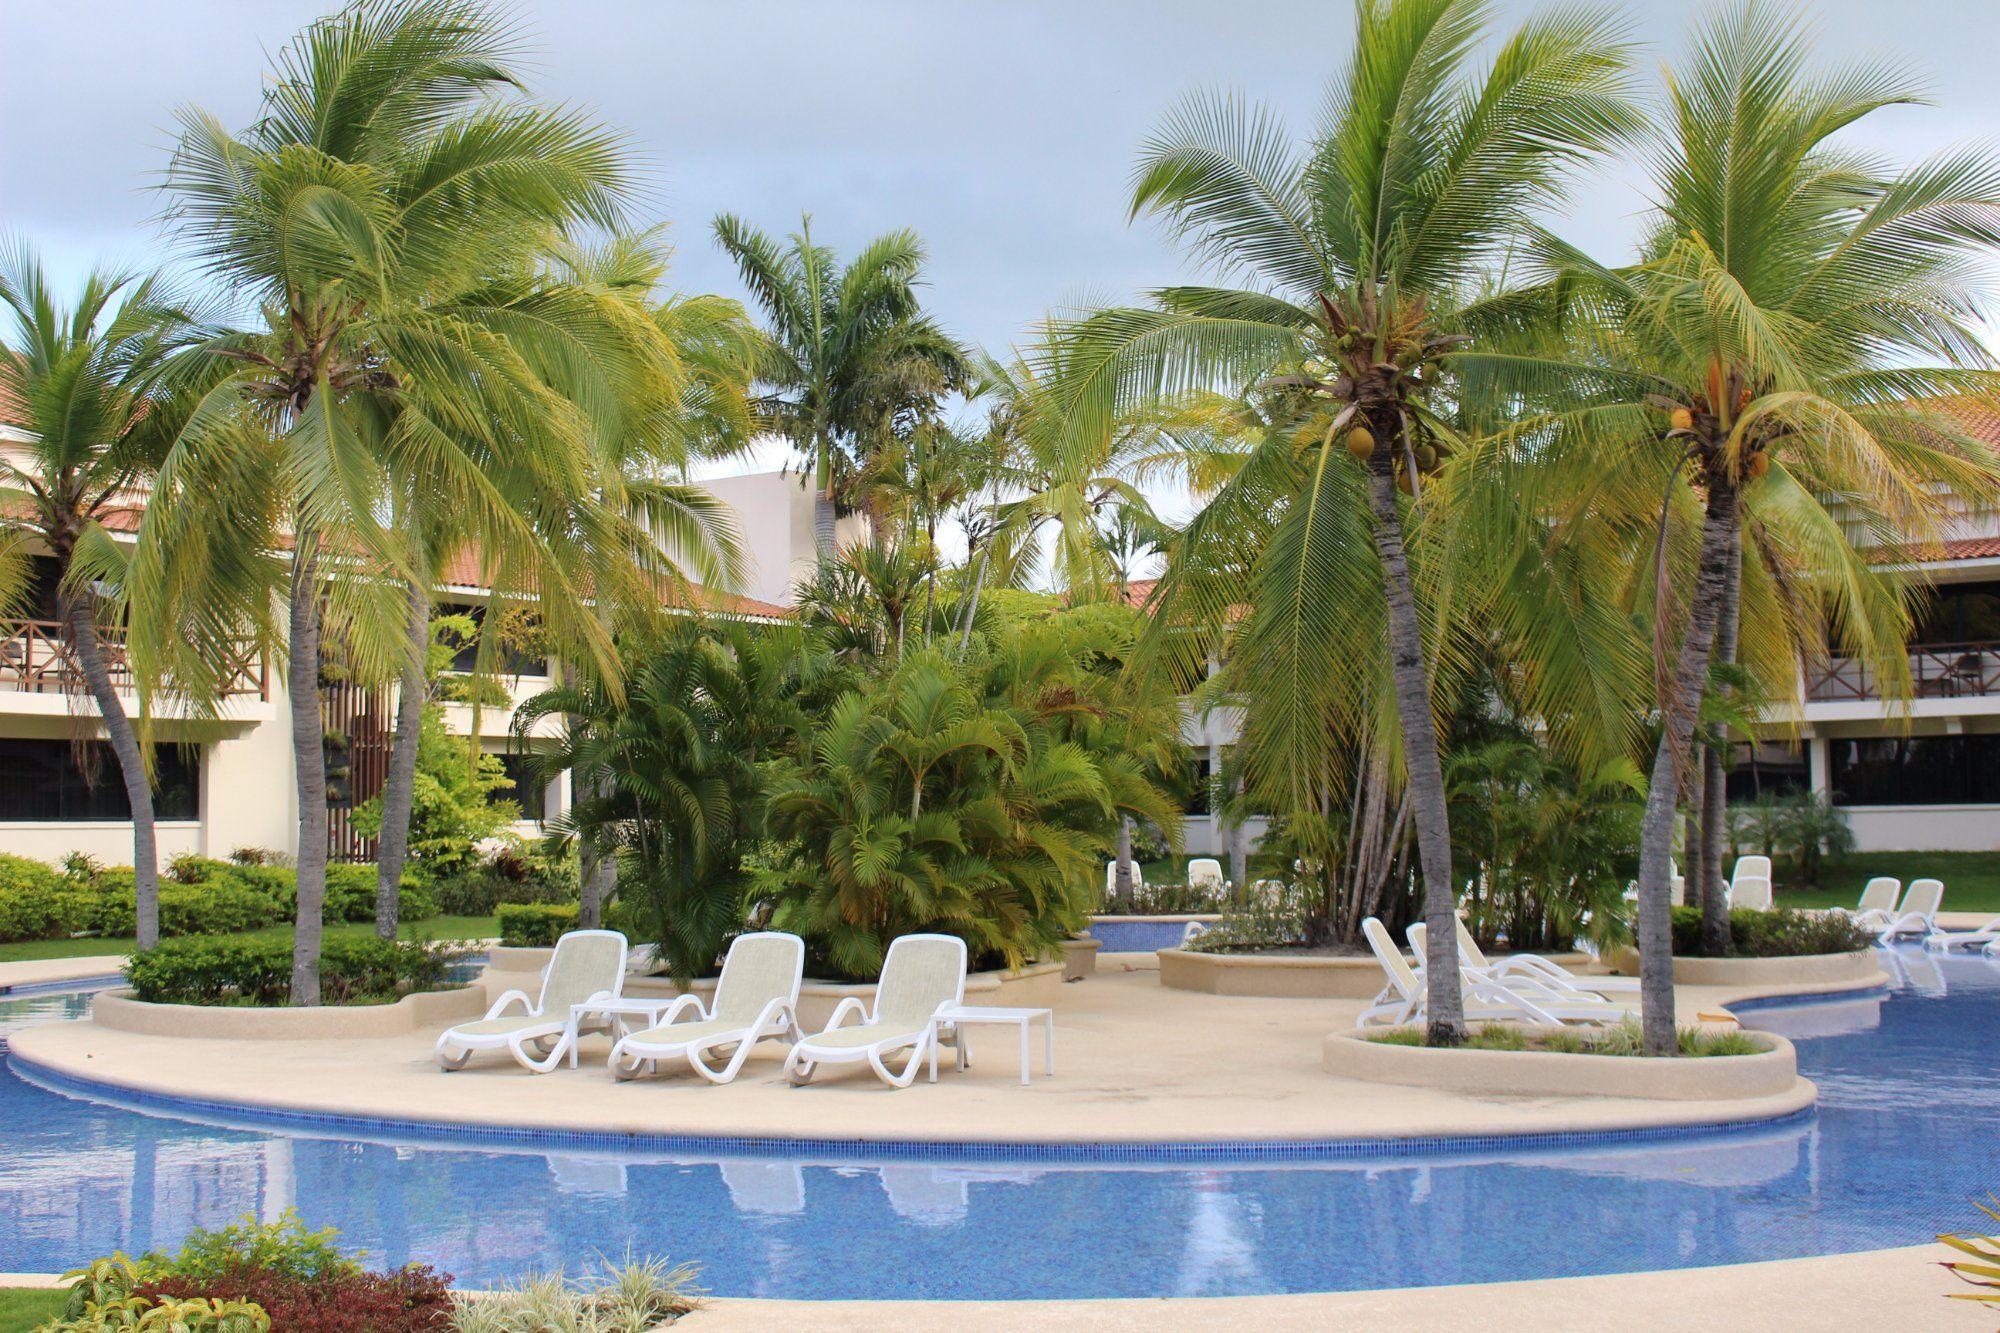 Bluebay Coronado Golf Beach Resort Desde 2 403 Panama Playa Coronado Opiniones Y Comentario Panama Playas Complejo Turistico Hoteles En Panama